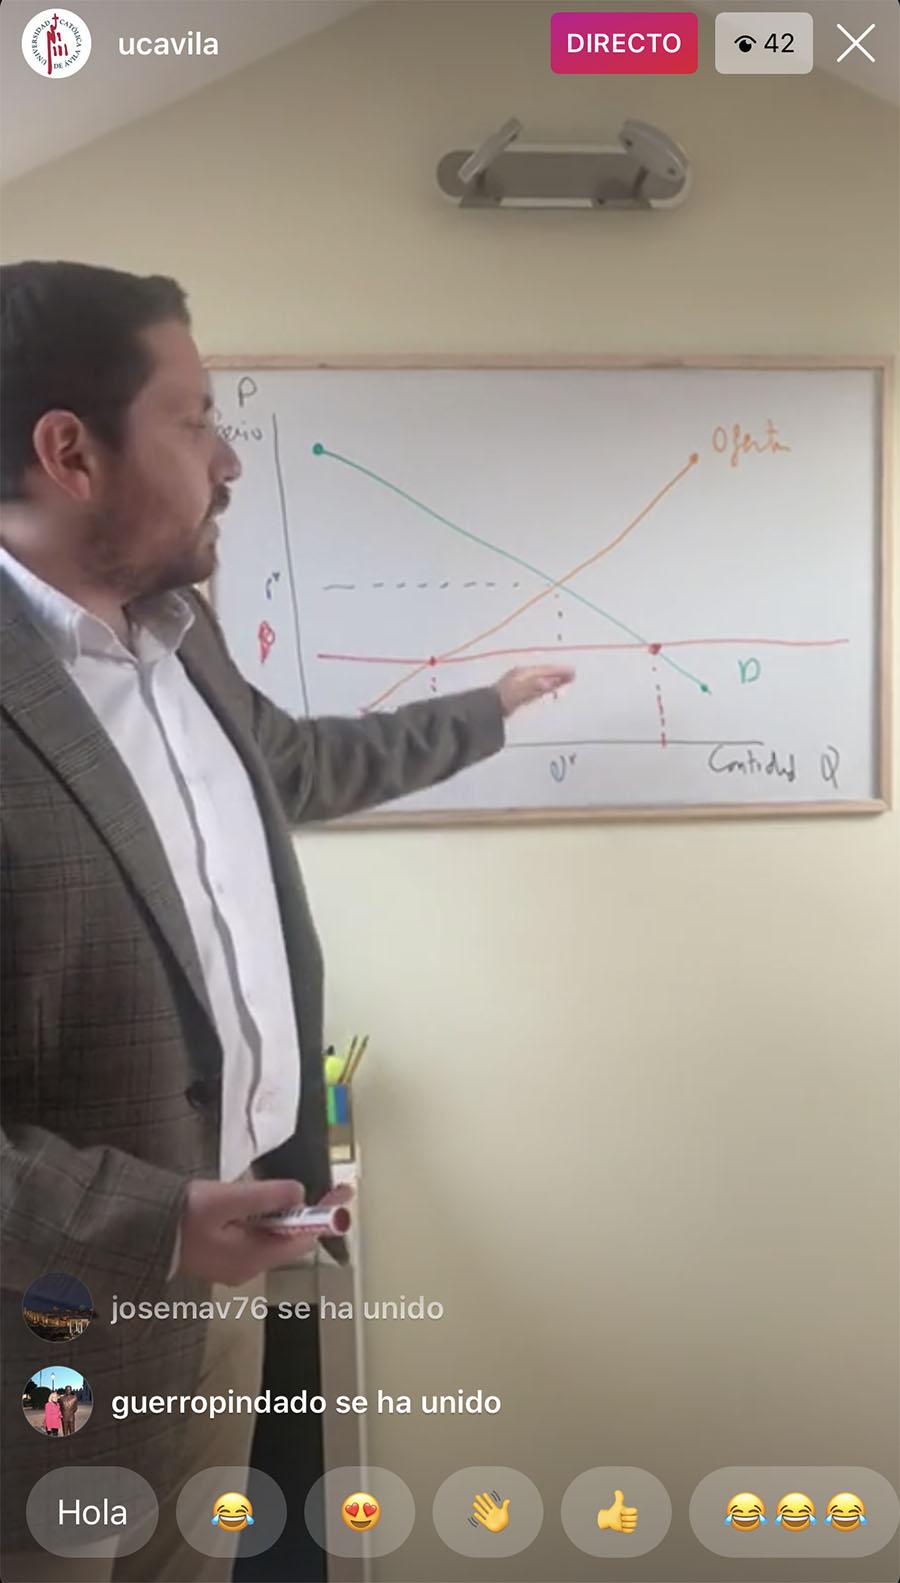 El profesor Dr. en Economía de la UCAV Sergio L. Náñez aconseja buscar asesoramiento profesional para evitar arruinarse con la lotería